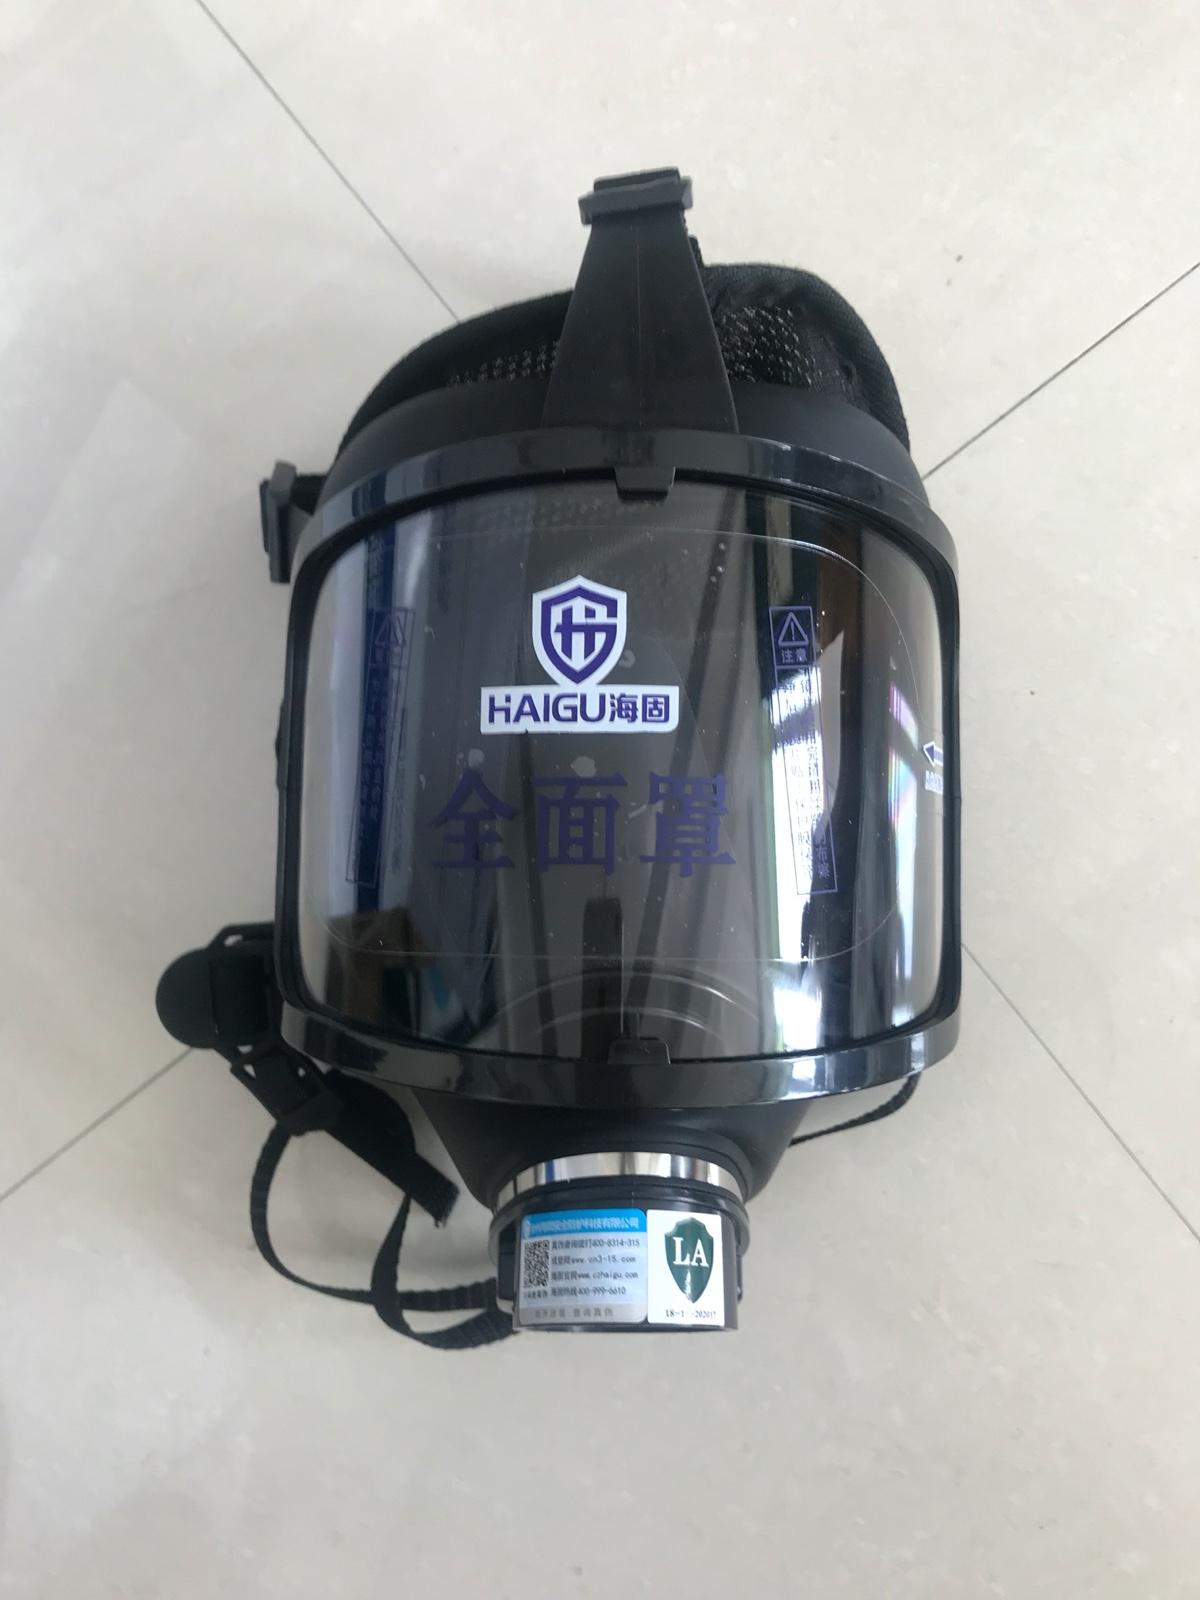 哈萨克斯坦炼油厂订购安全帽和防毒面具一批如期发货